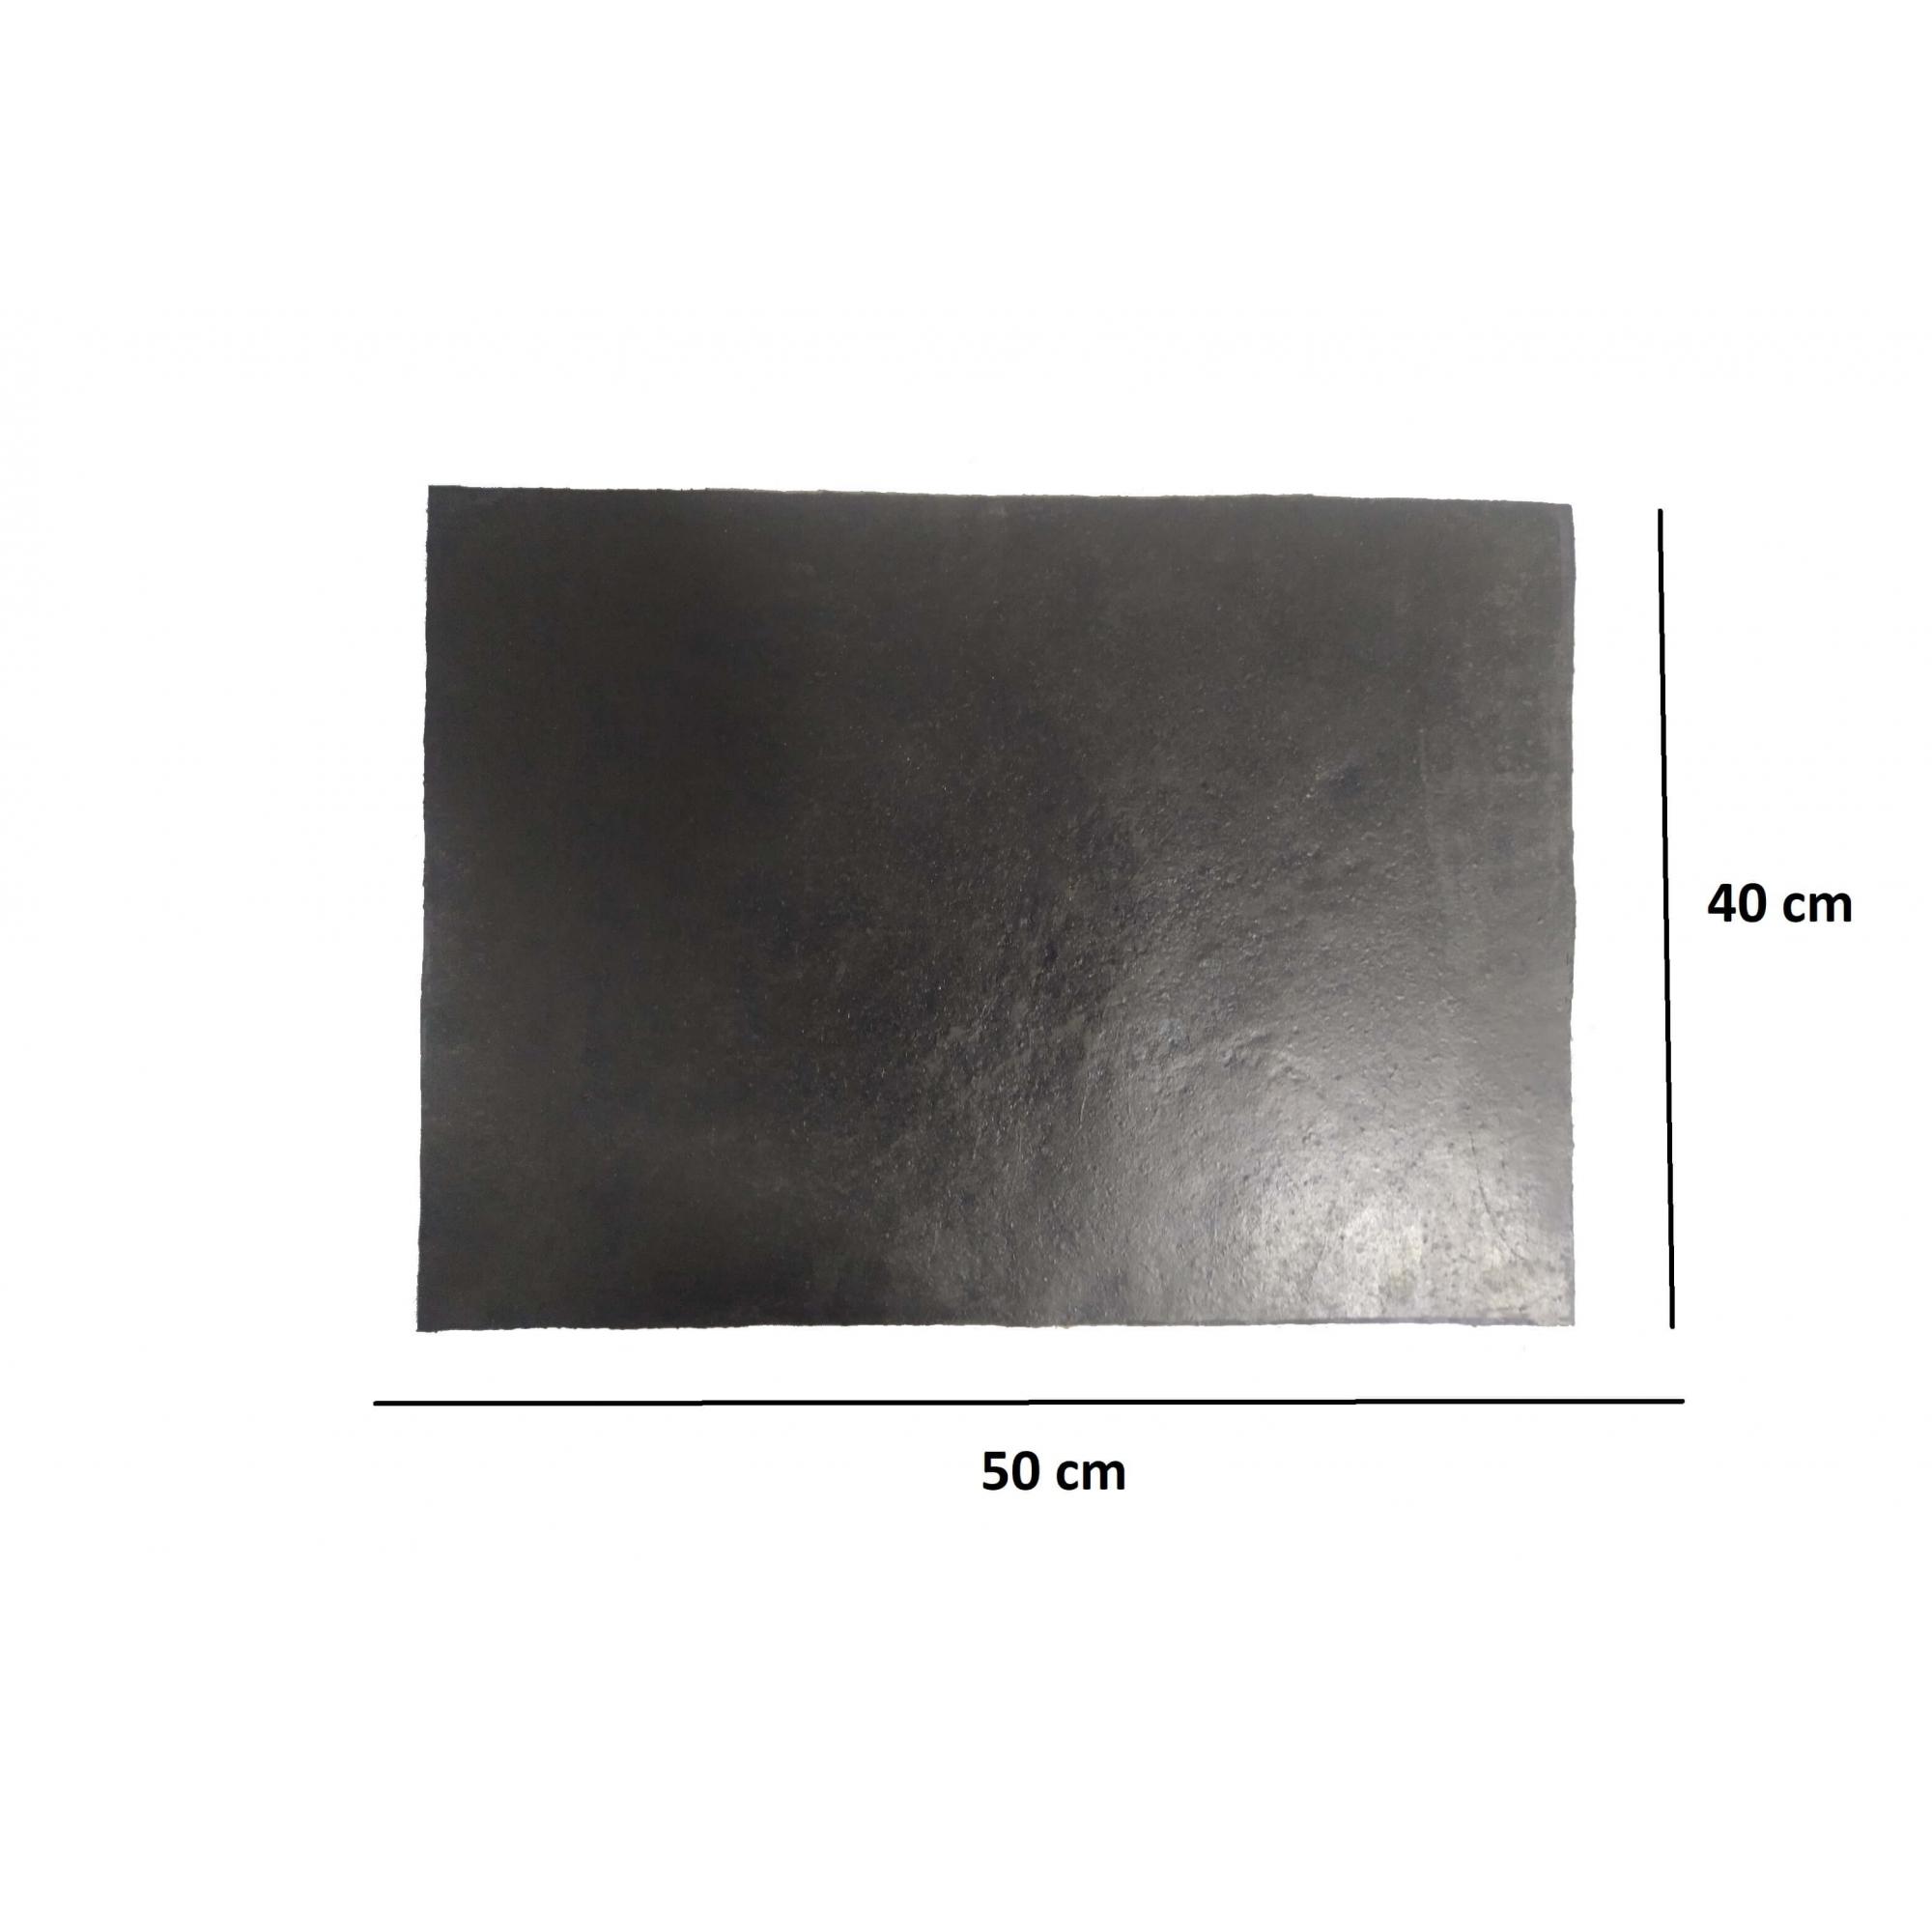 Parabarro Borracha Preto Liso 40 X 50 Cm Lameiro